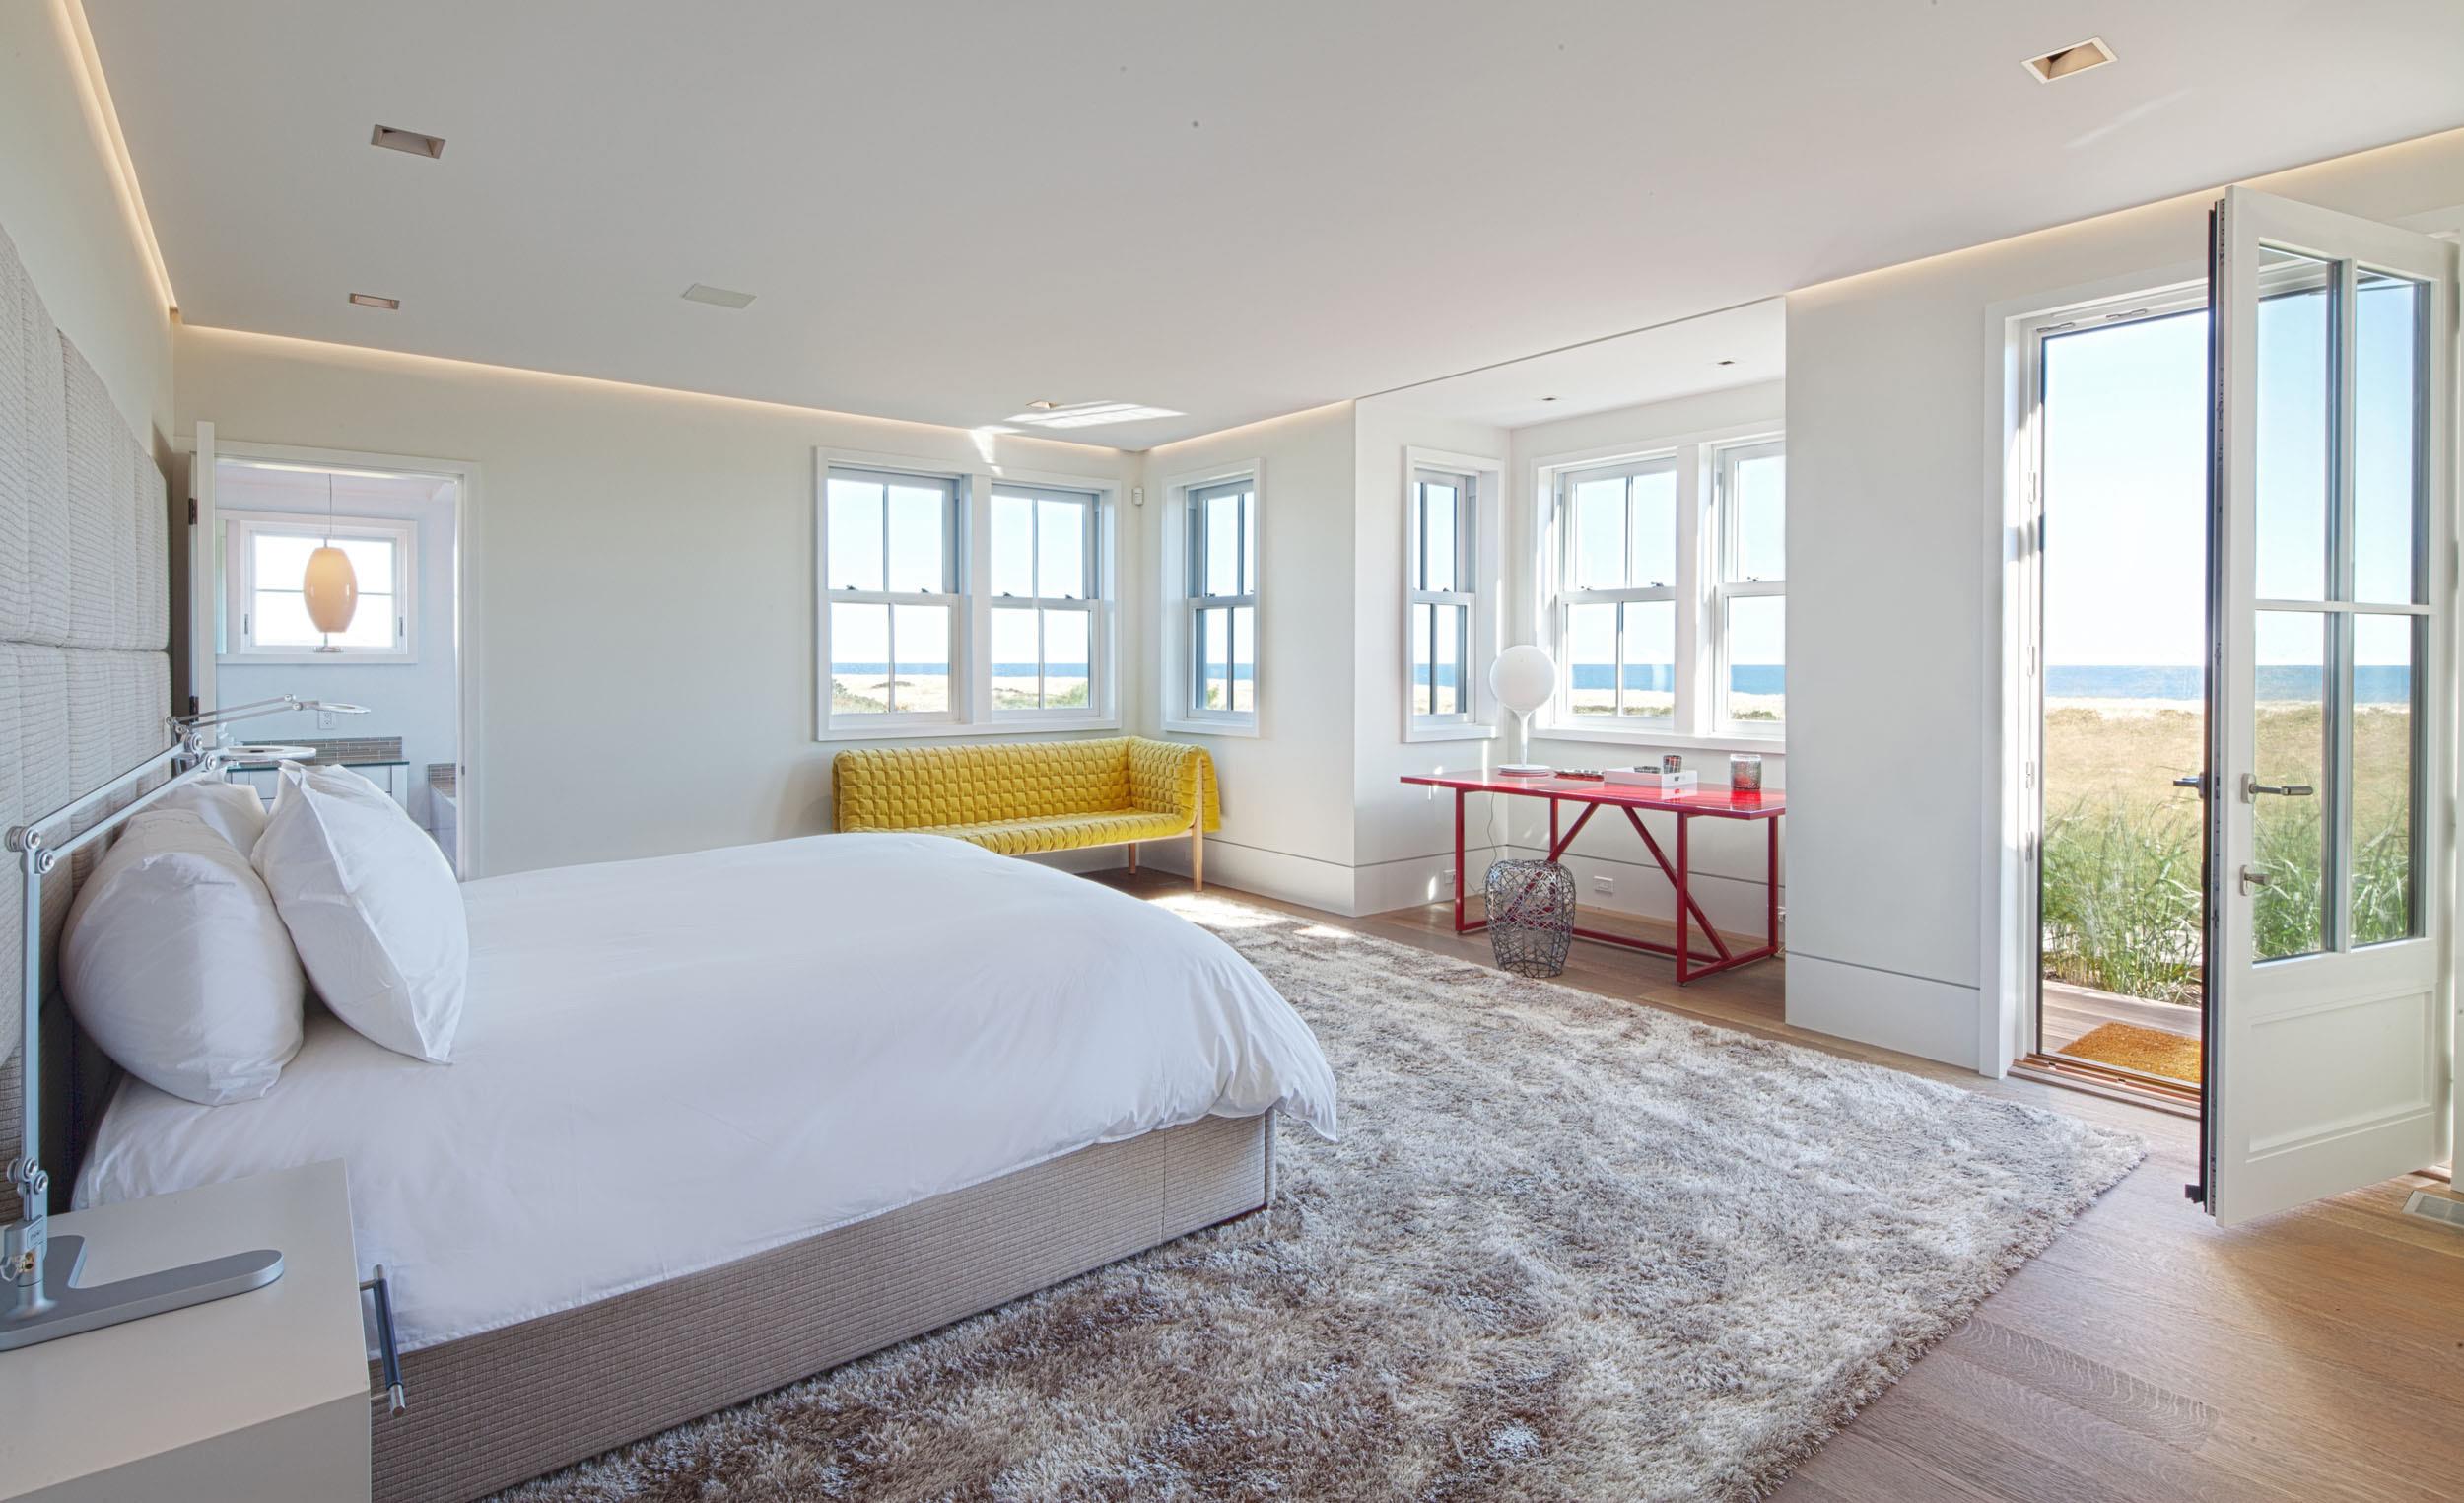 二层别墅图片大全_简单的豪宅设计